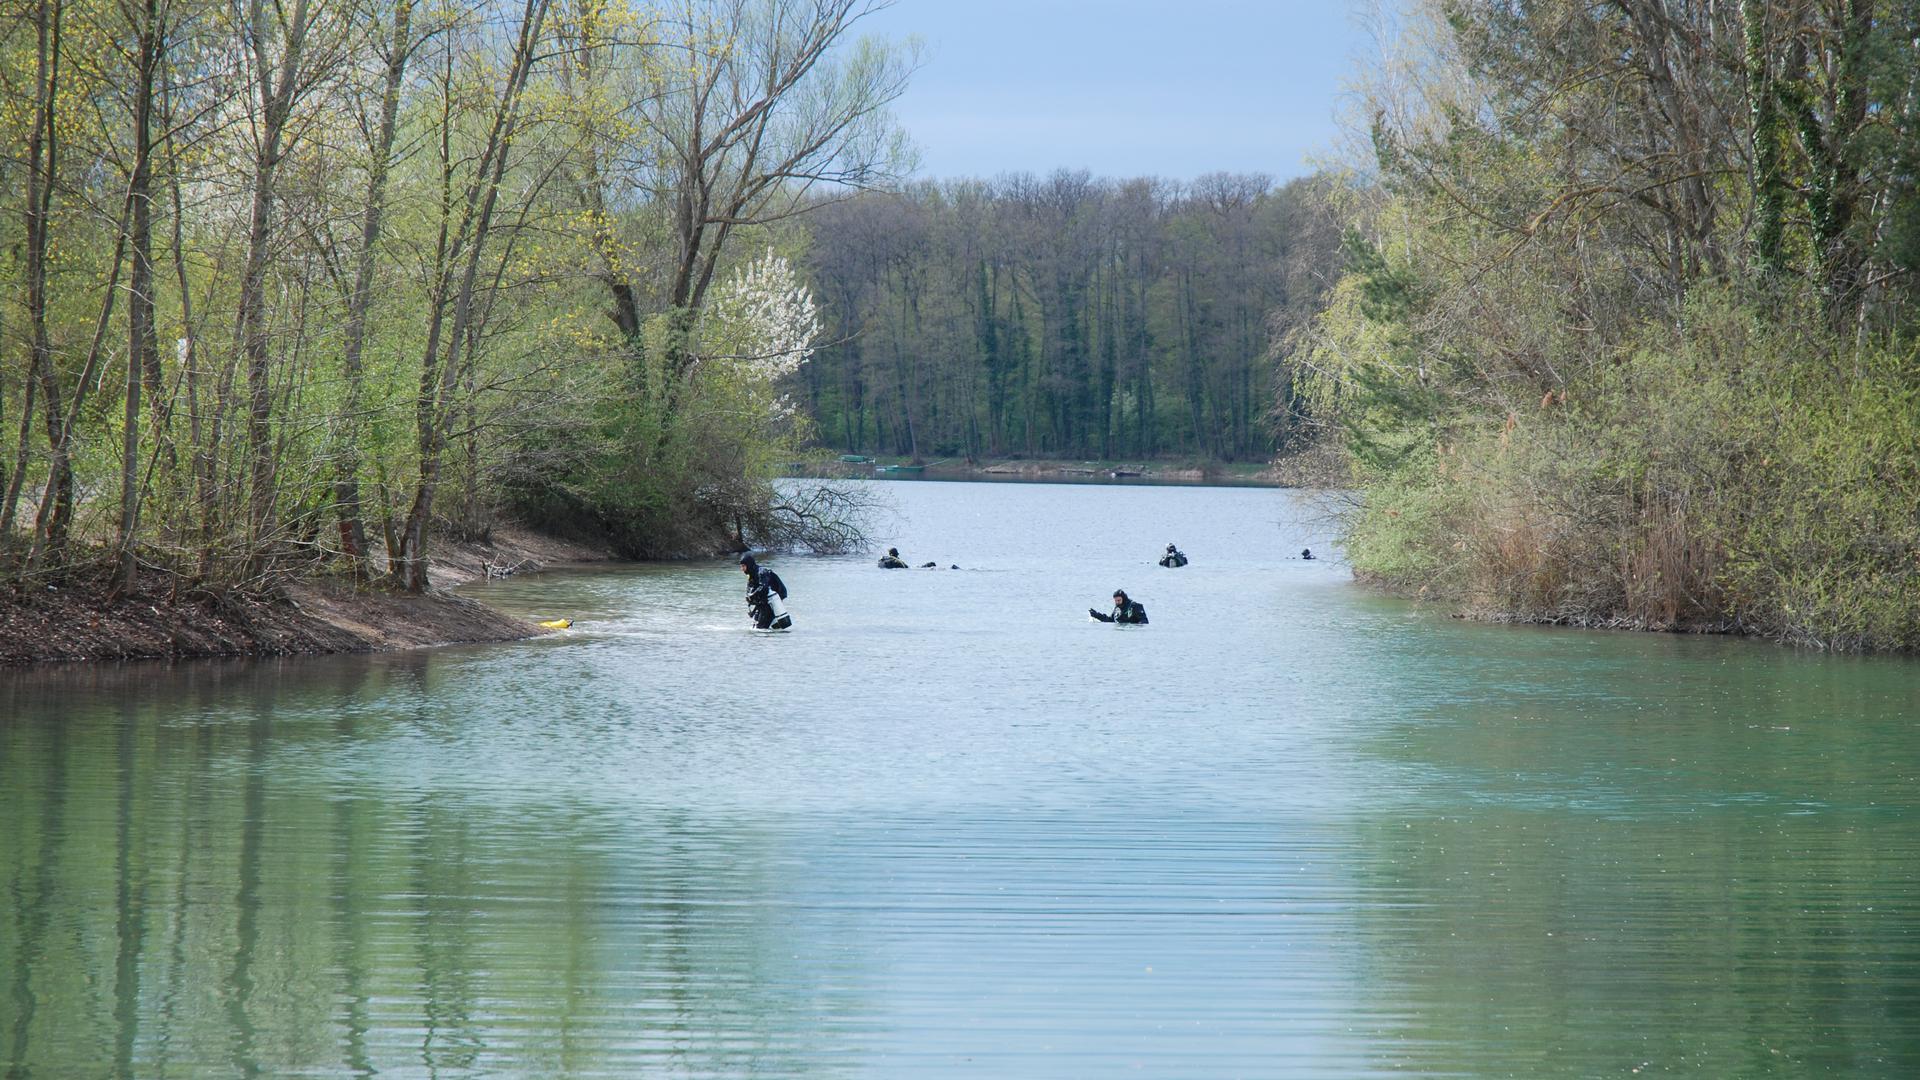 Taucherparadies: So sieht das aus, wenn am Untergrombacher Baggersee getaucht wird.